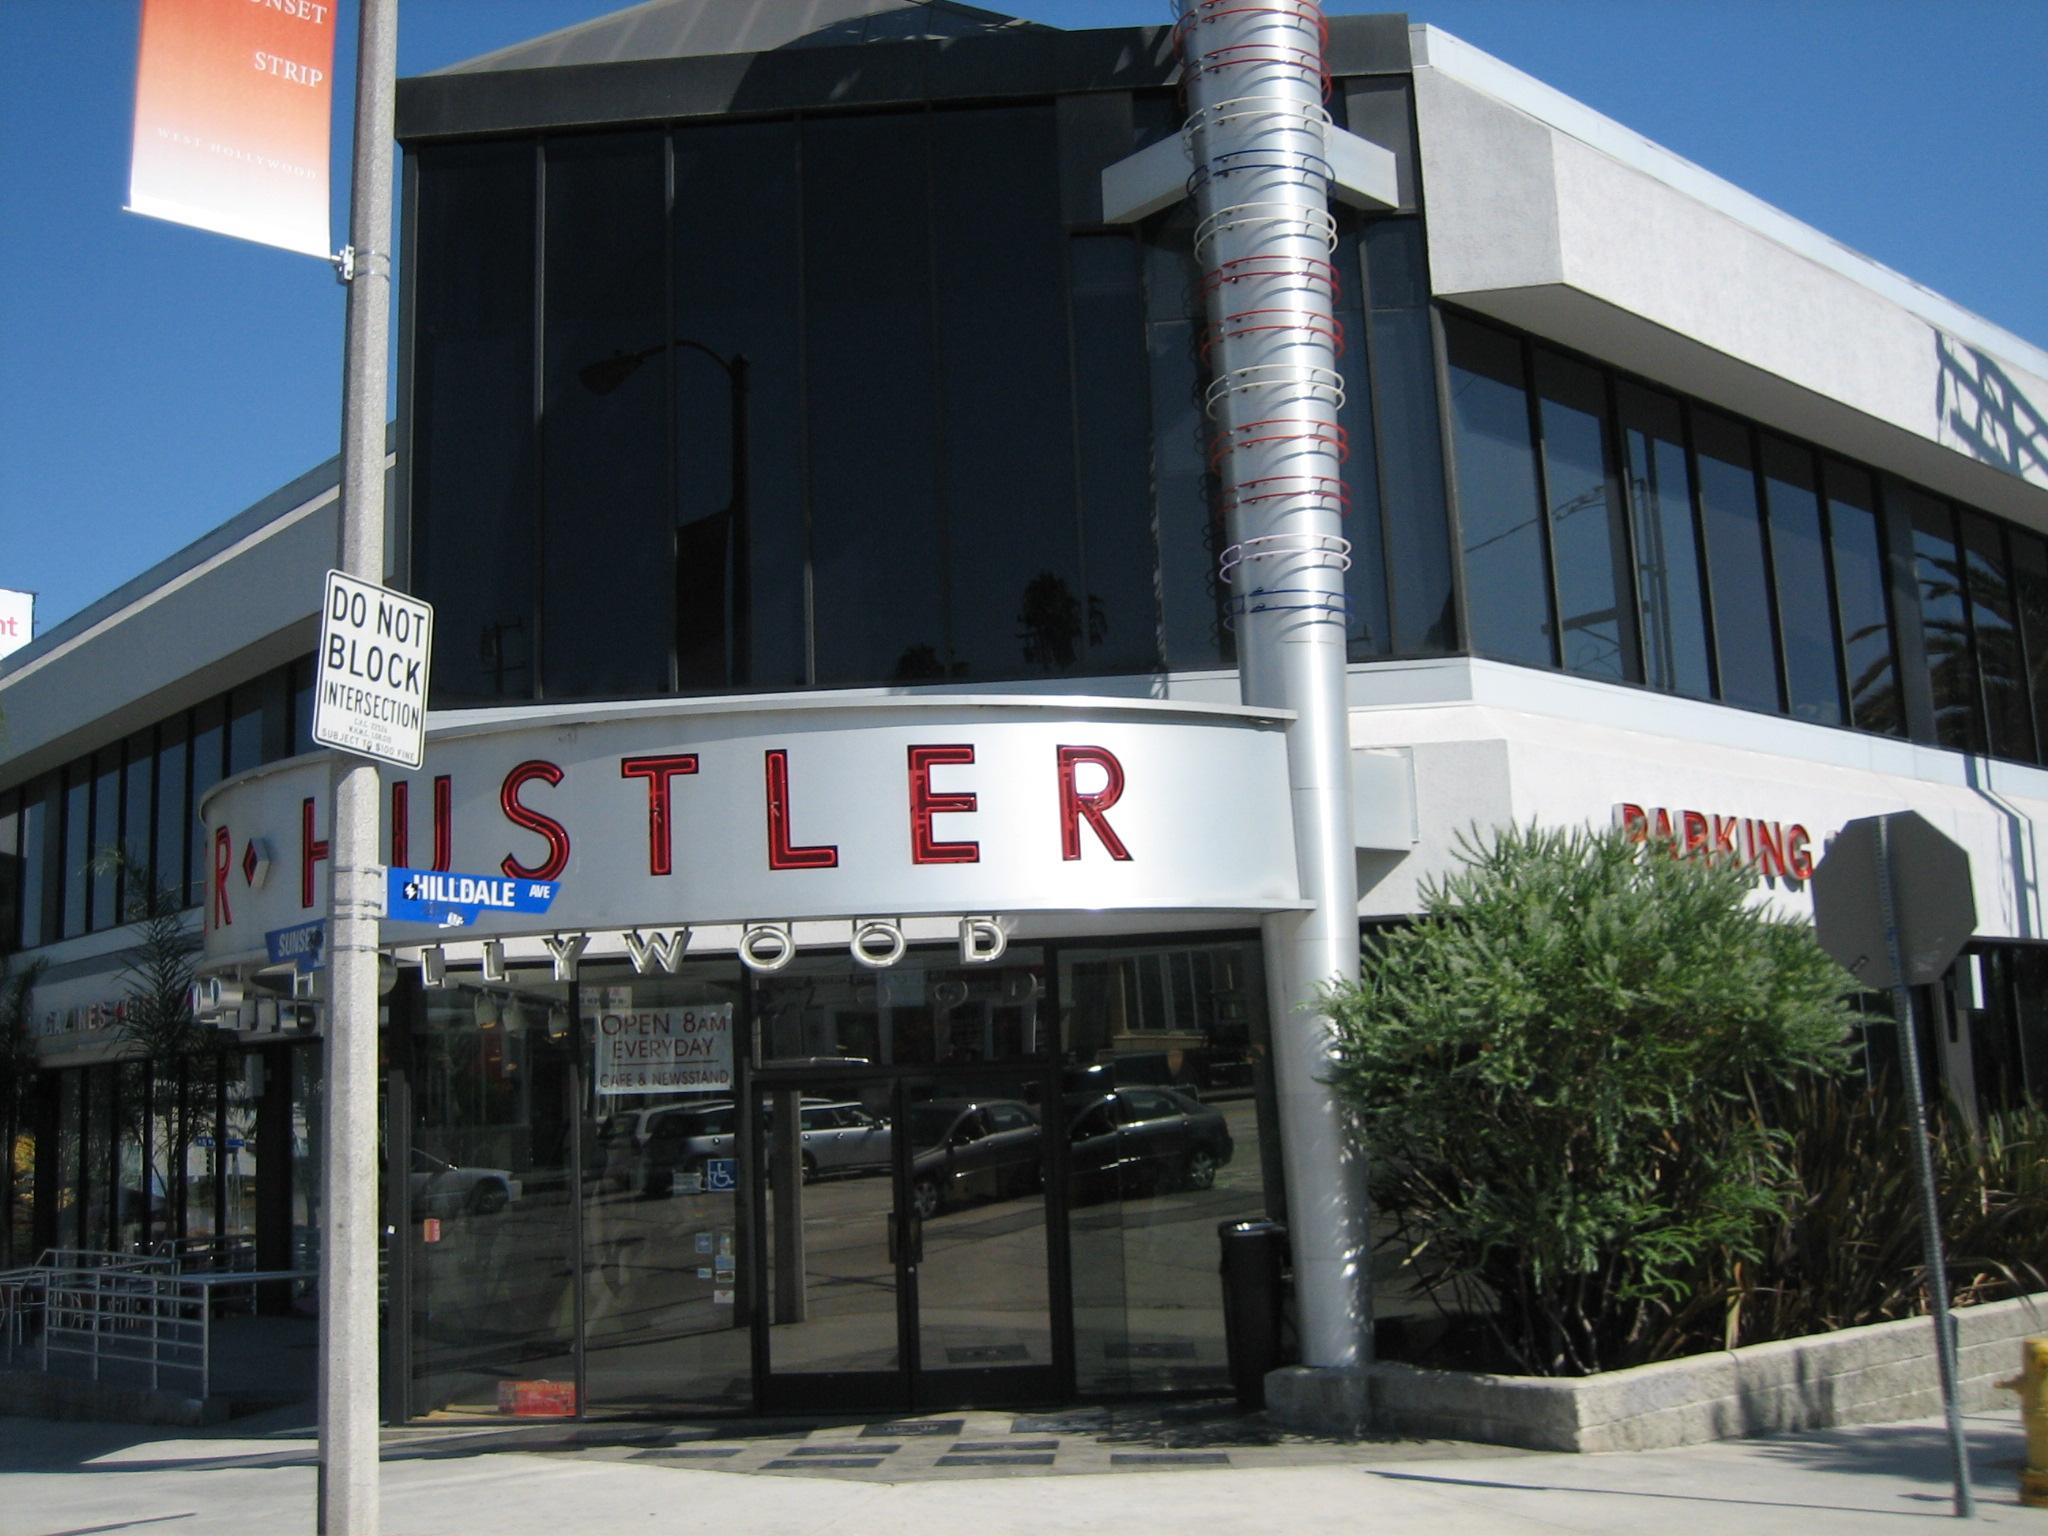 Hustler live streaming